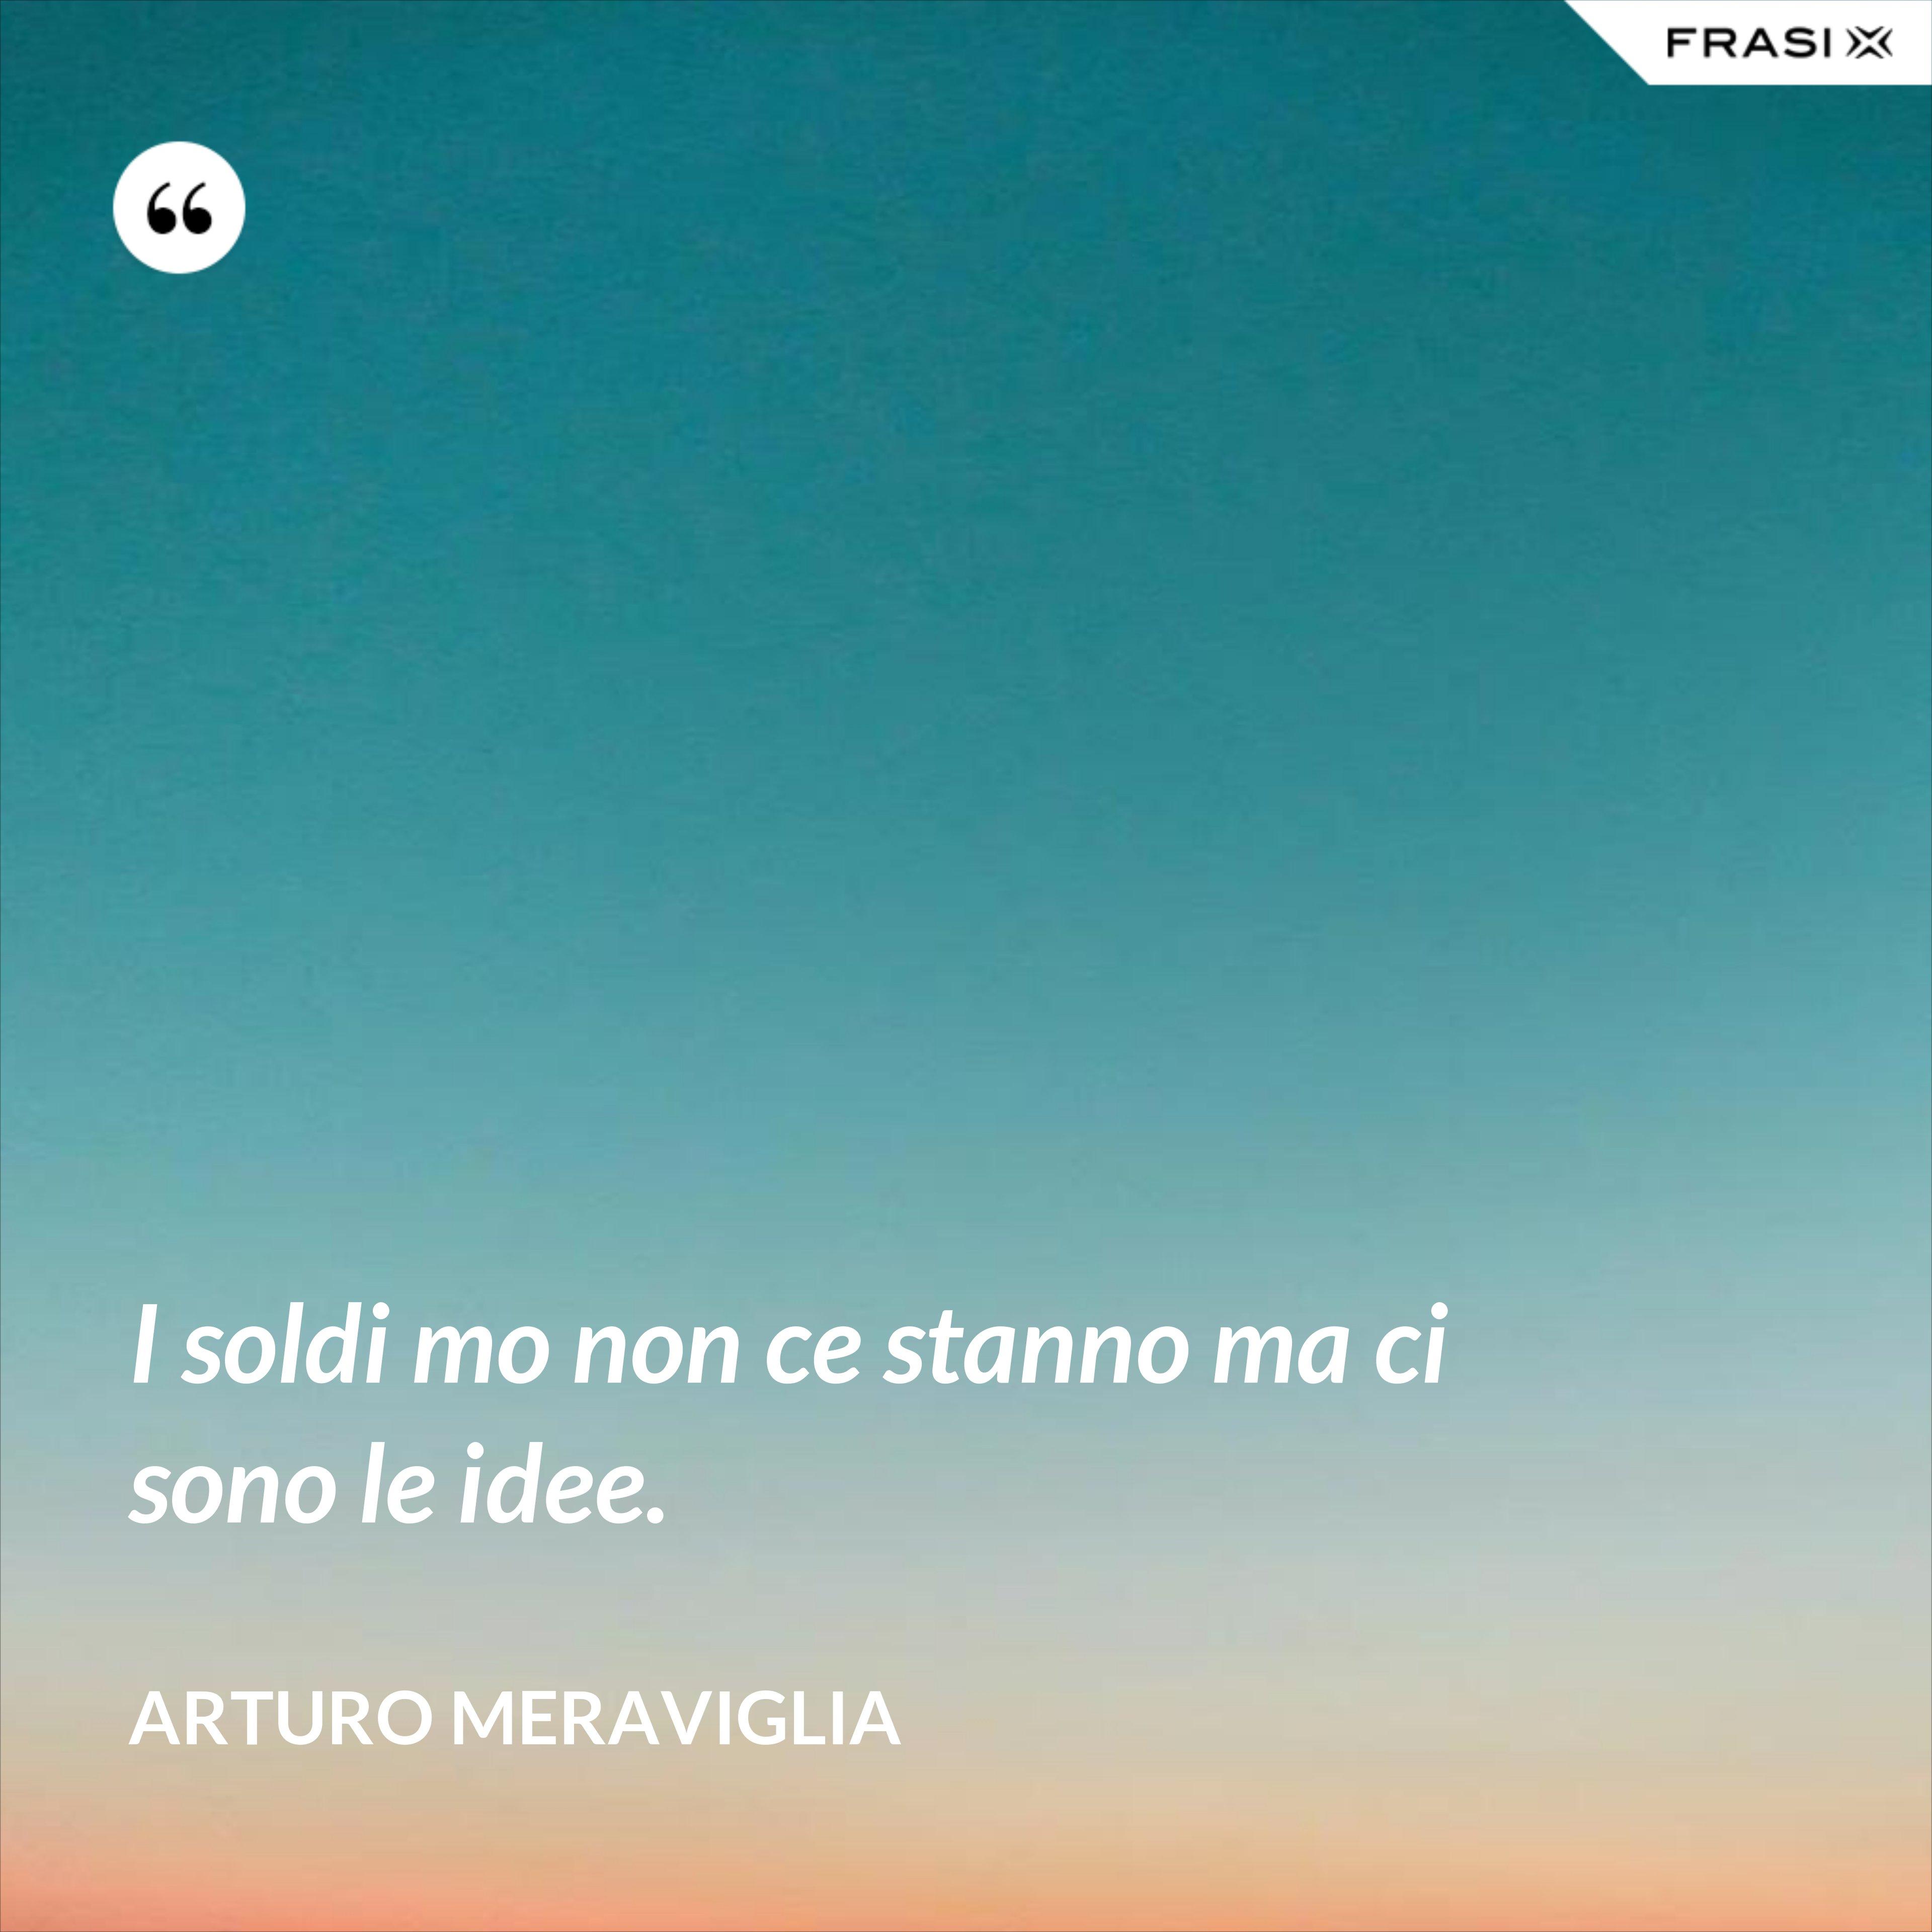 I soldi mo non ce stanno ma ci sono le idee. - Arturo Meraviglia